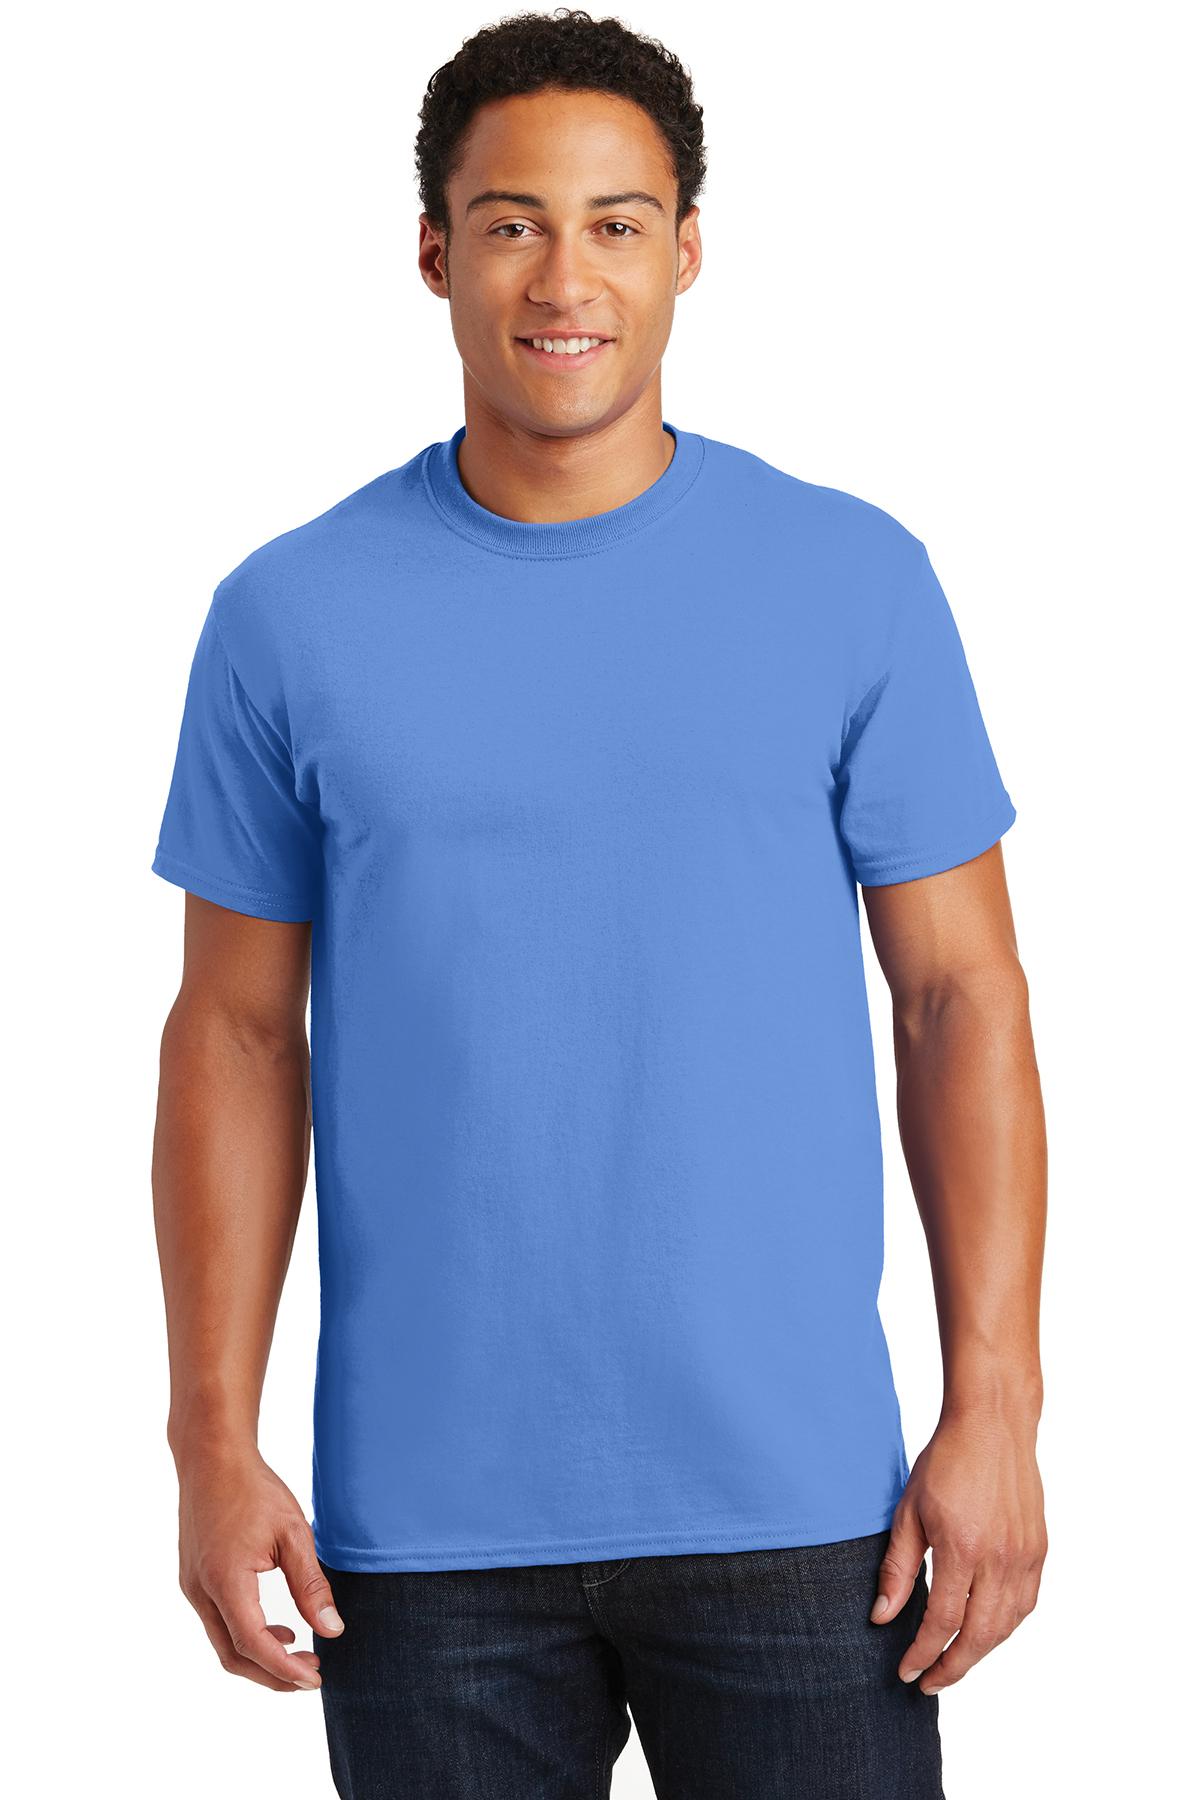 ff1ac6e54d9 Gildan® - Ultra Cotton® 100% Cotton T-Shirt